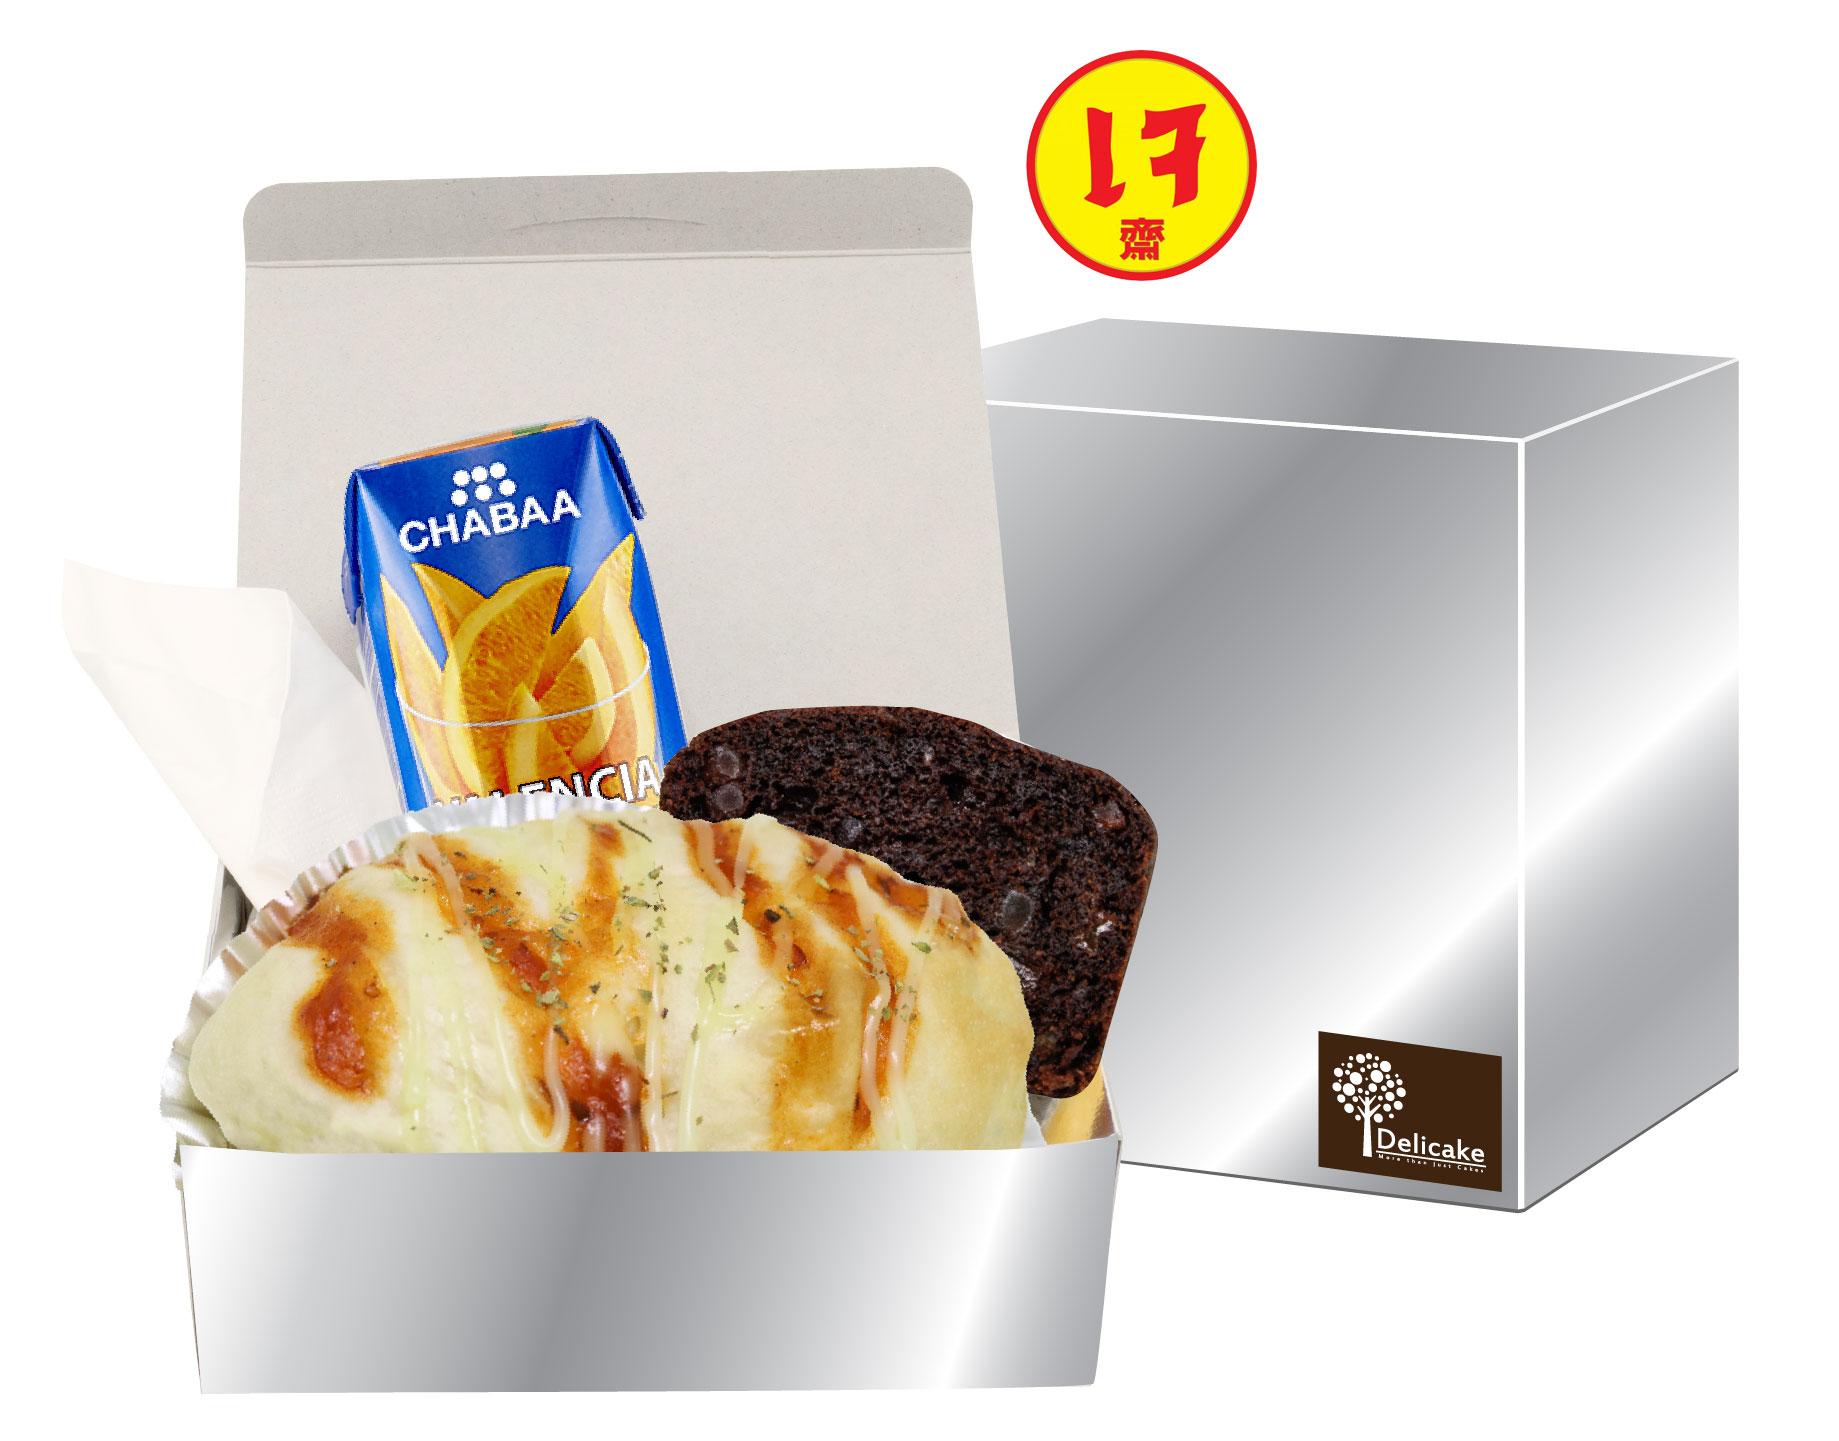 Vegan Bakery สแน็คบ๊อก ชุดอิ่มประหยัดเจ ราคา 60 บาท